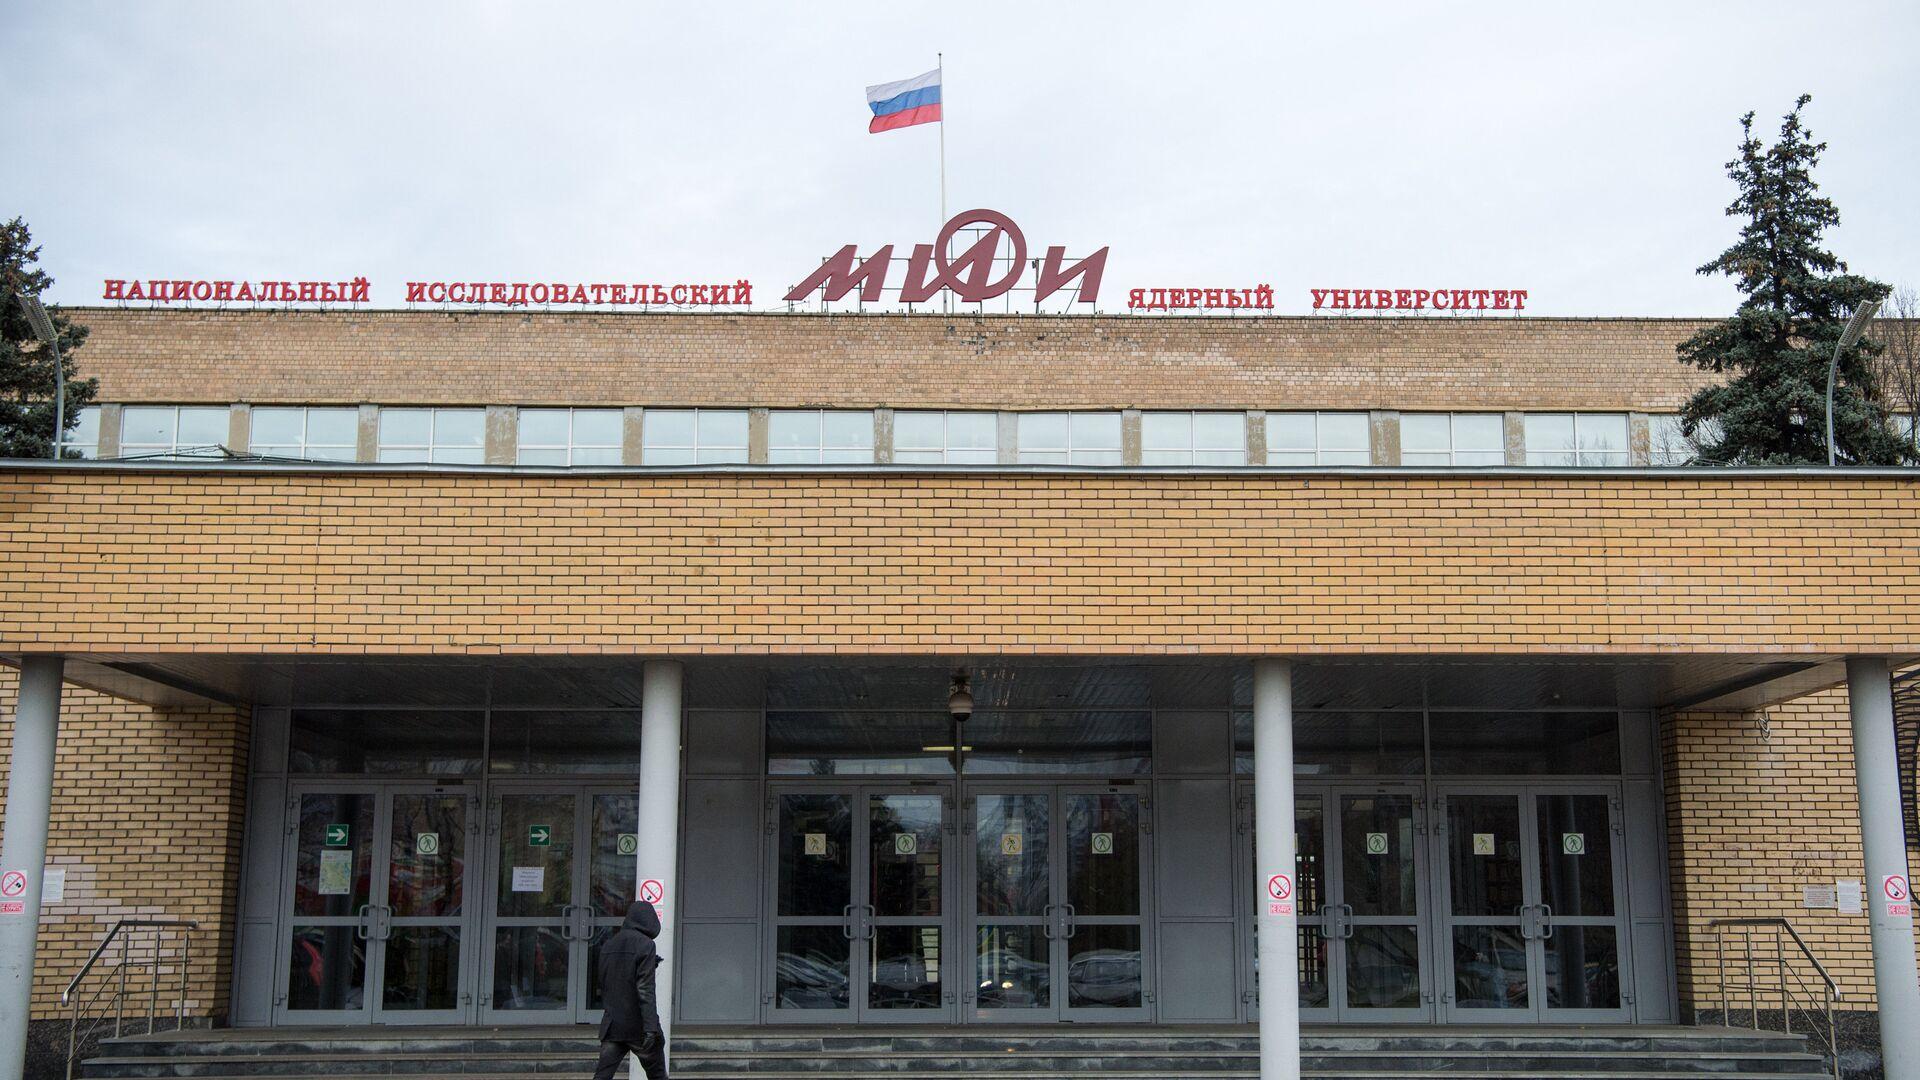 Здание национального исследовательского ядерного университета МИФИ в Москве - РИА Новости, 1920, 15.07.2020